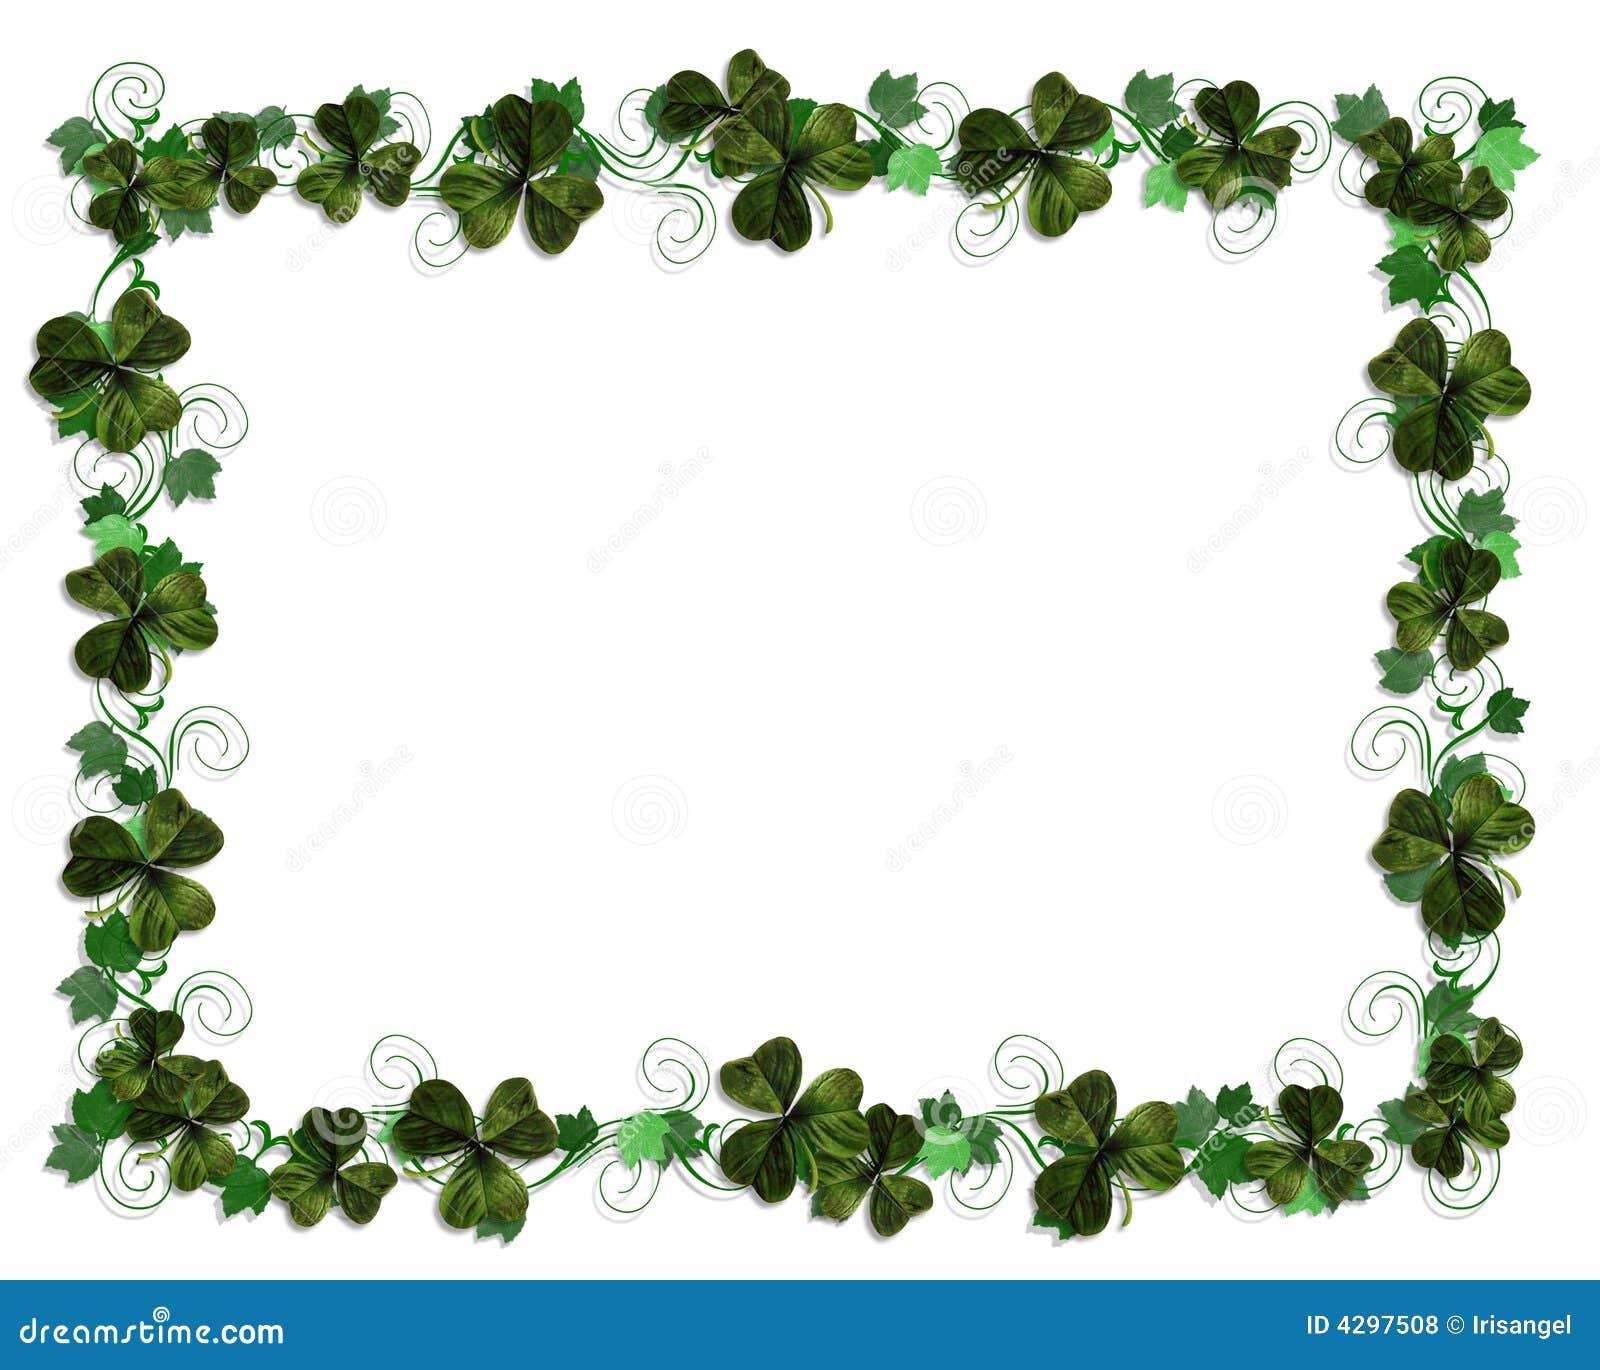 Irish Wedding Invitation as awesome invitation layout